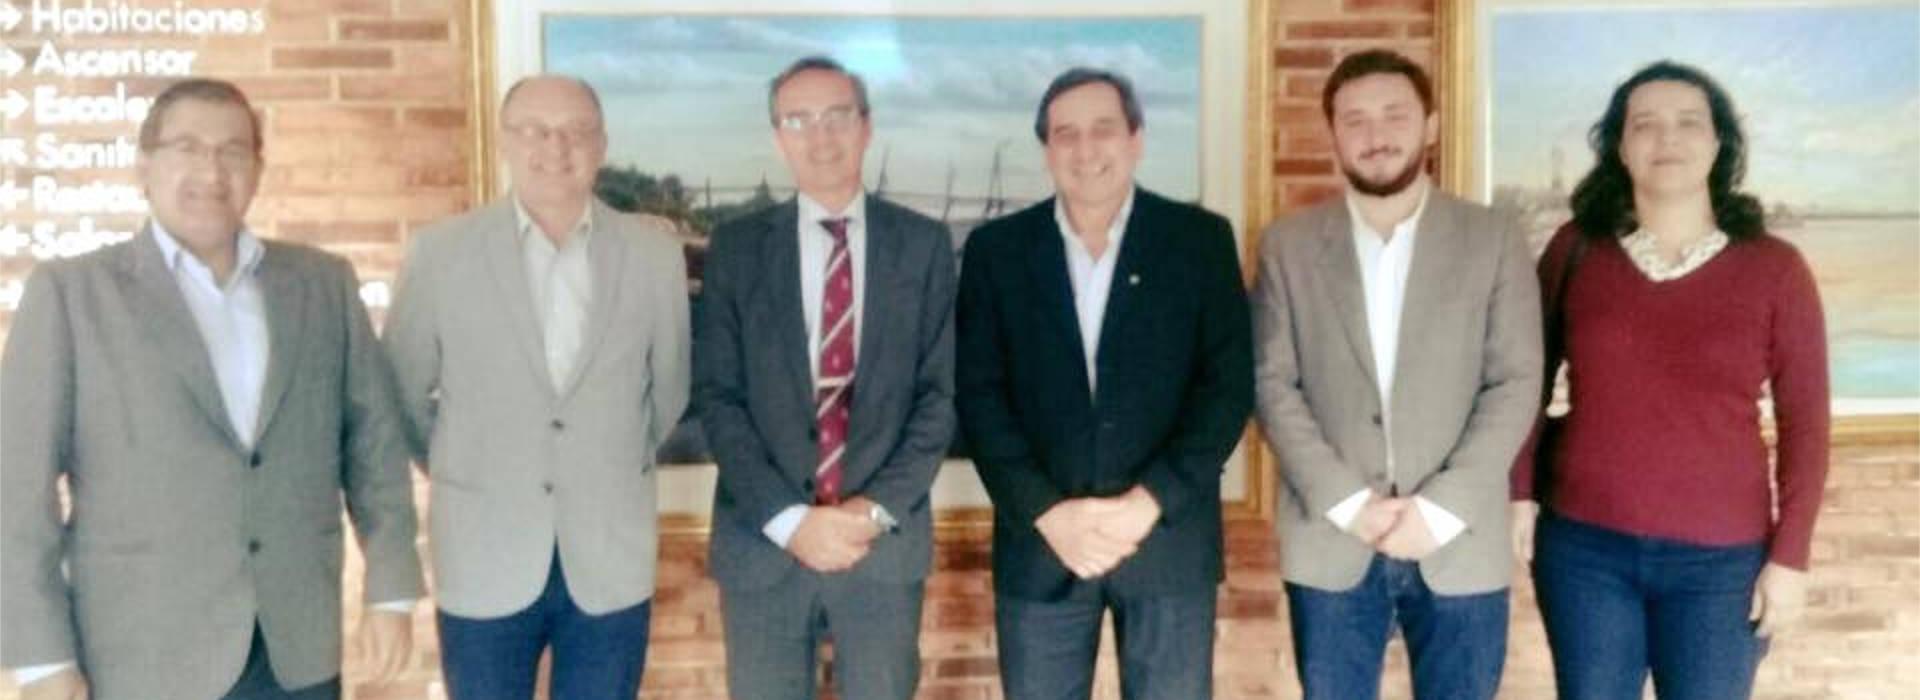 Ibáñez se reunió con funcionarios nacionales para avanzar en el desarrollo de la UNAU